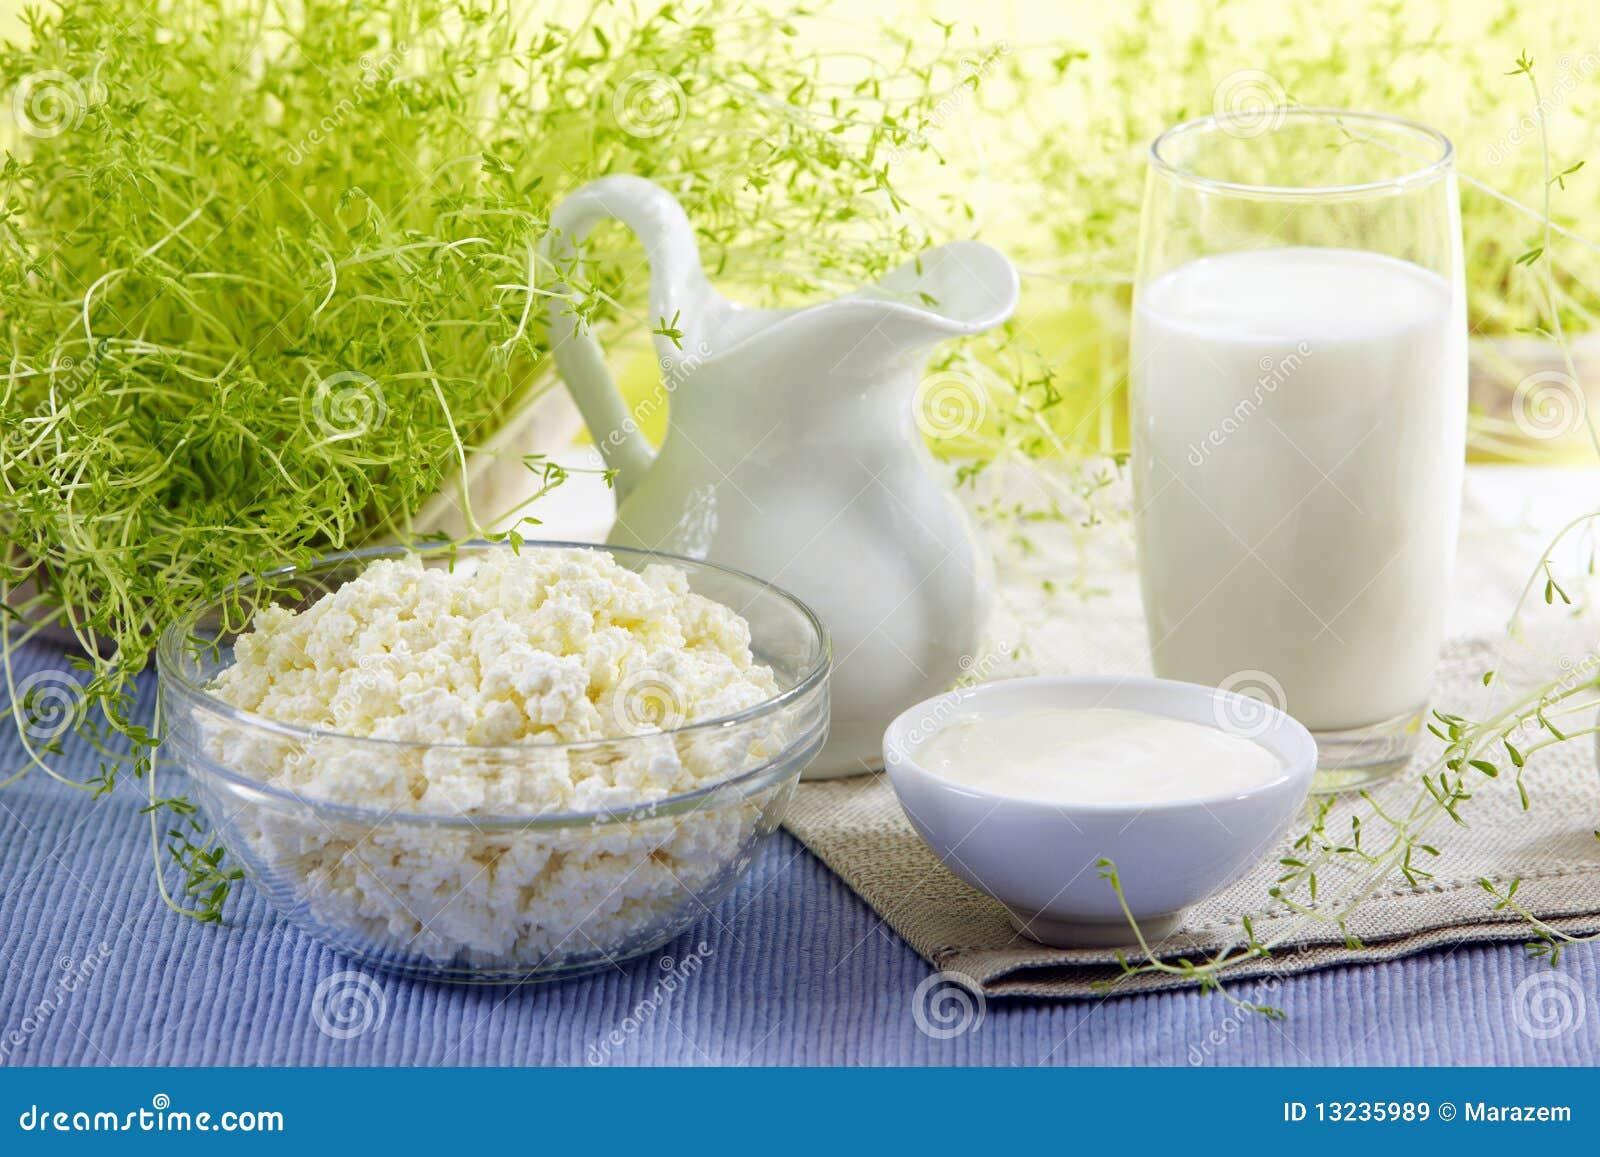 新鲜的奶制品